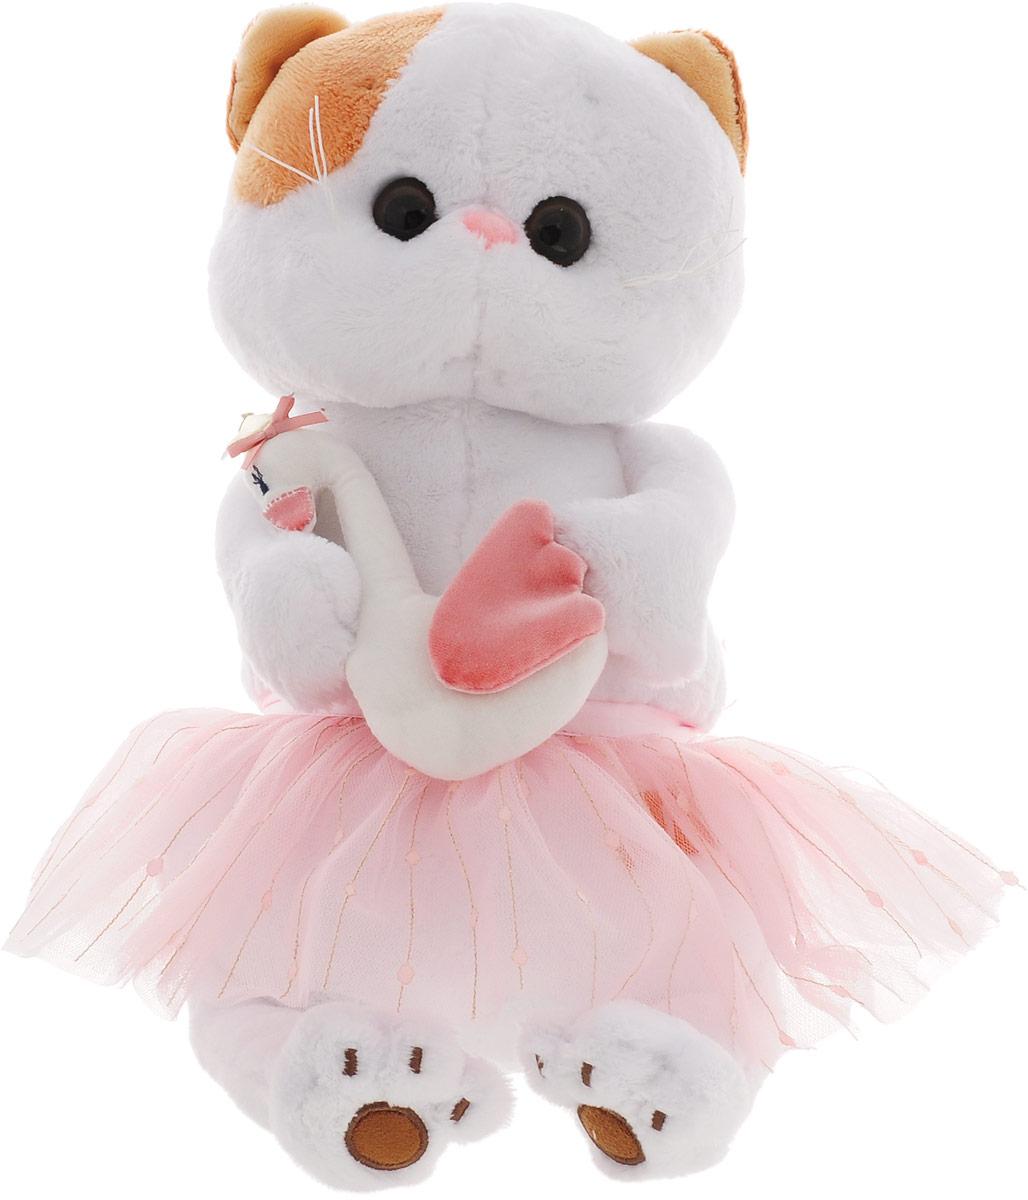 Мягкая игрушка BUDIBASA 27 см белый, розовый